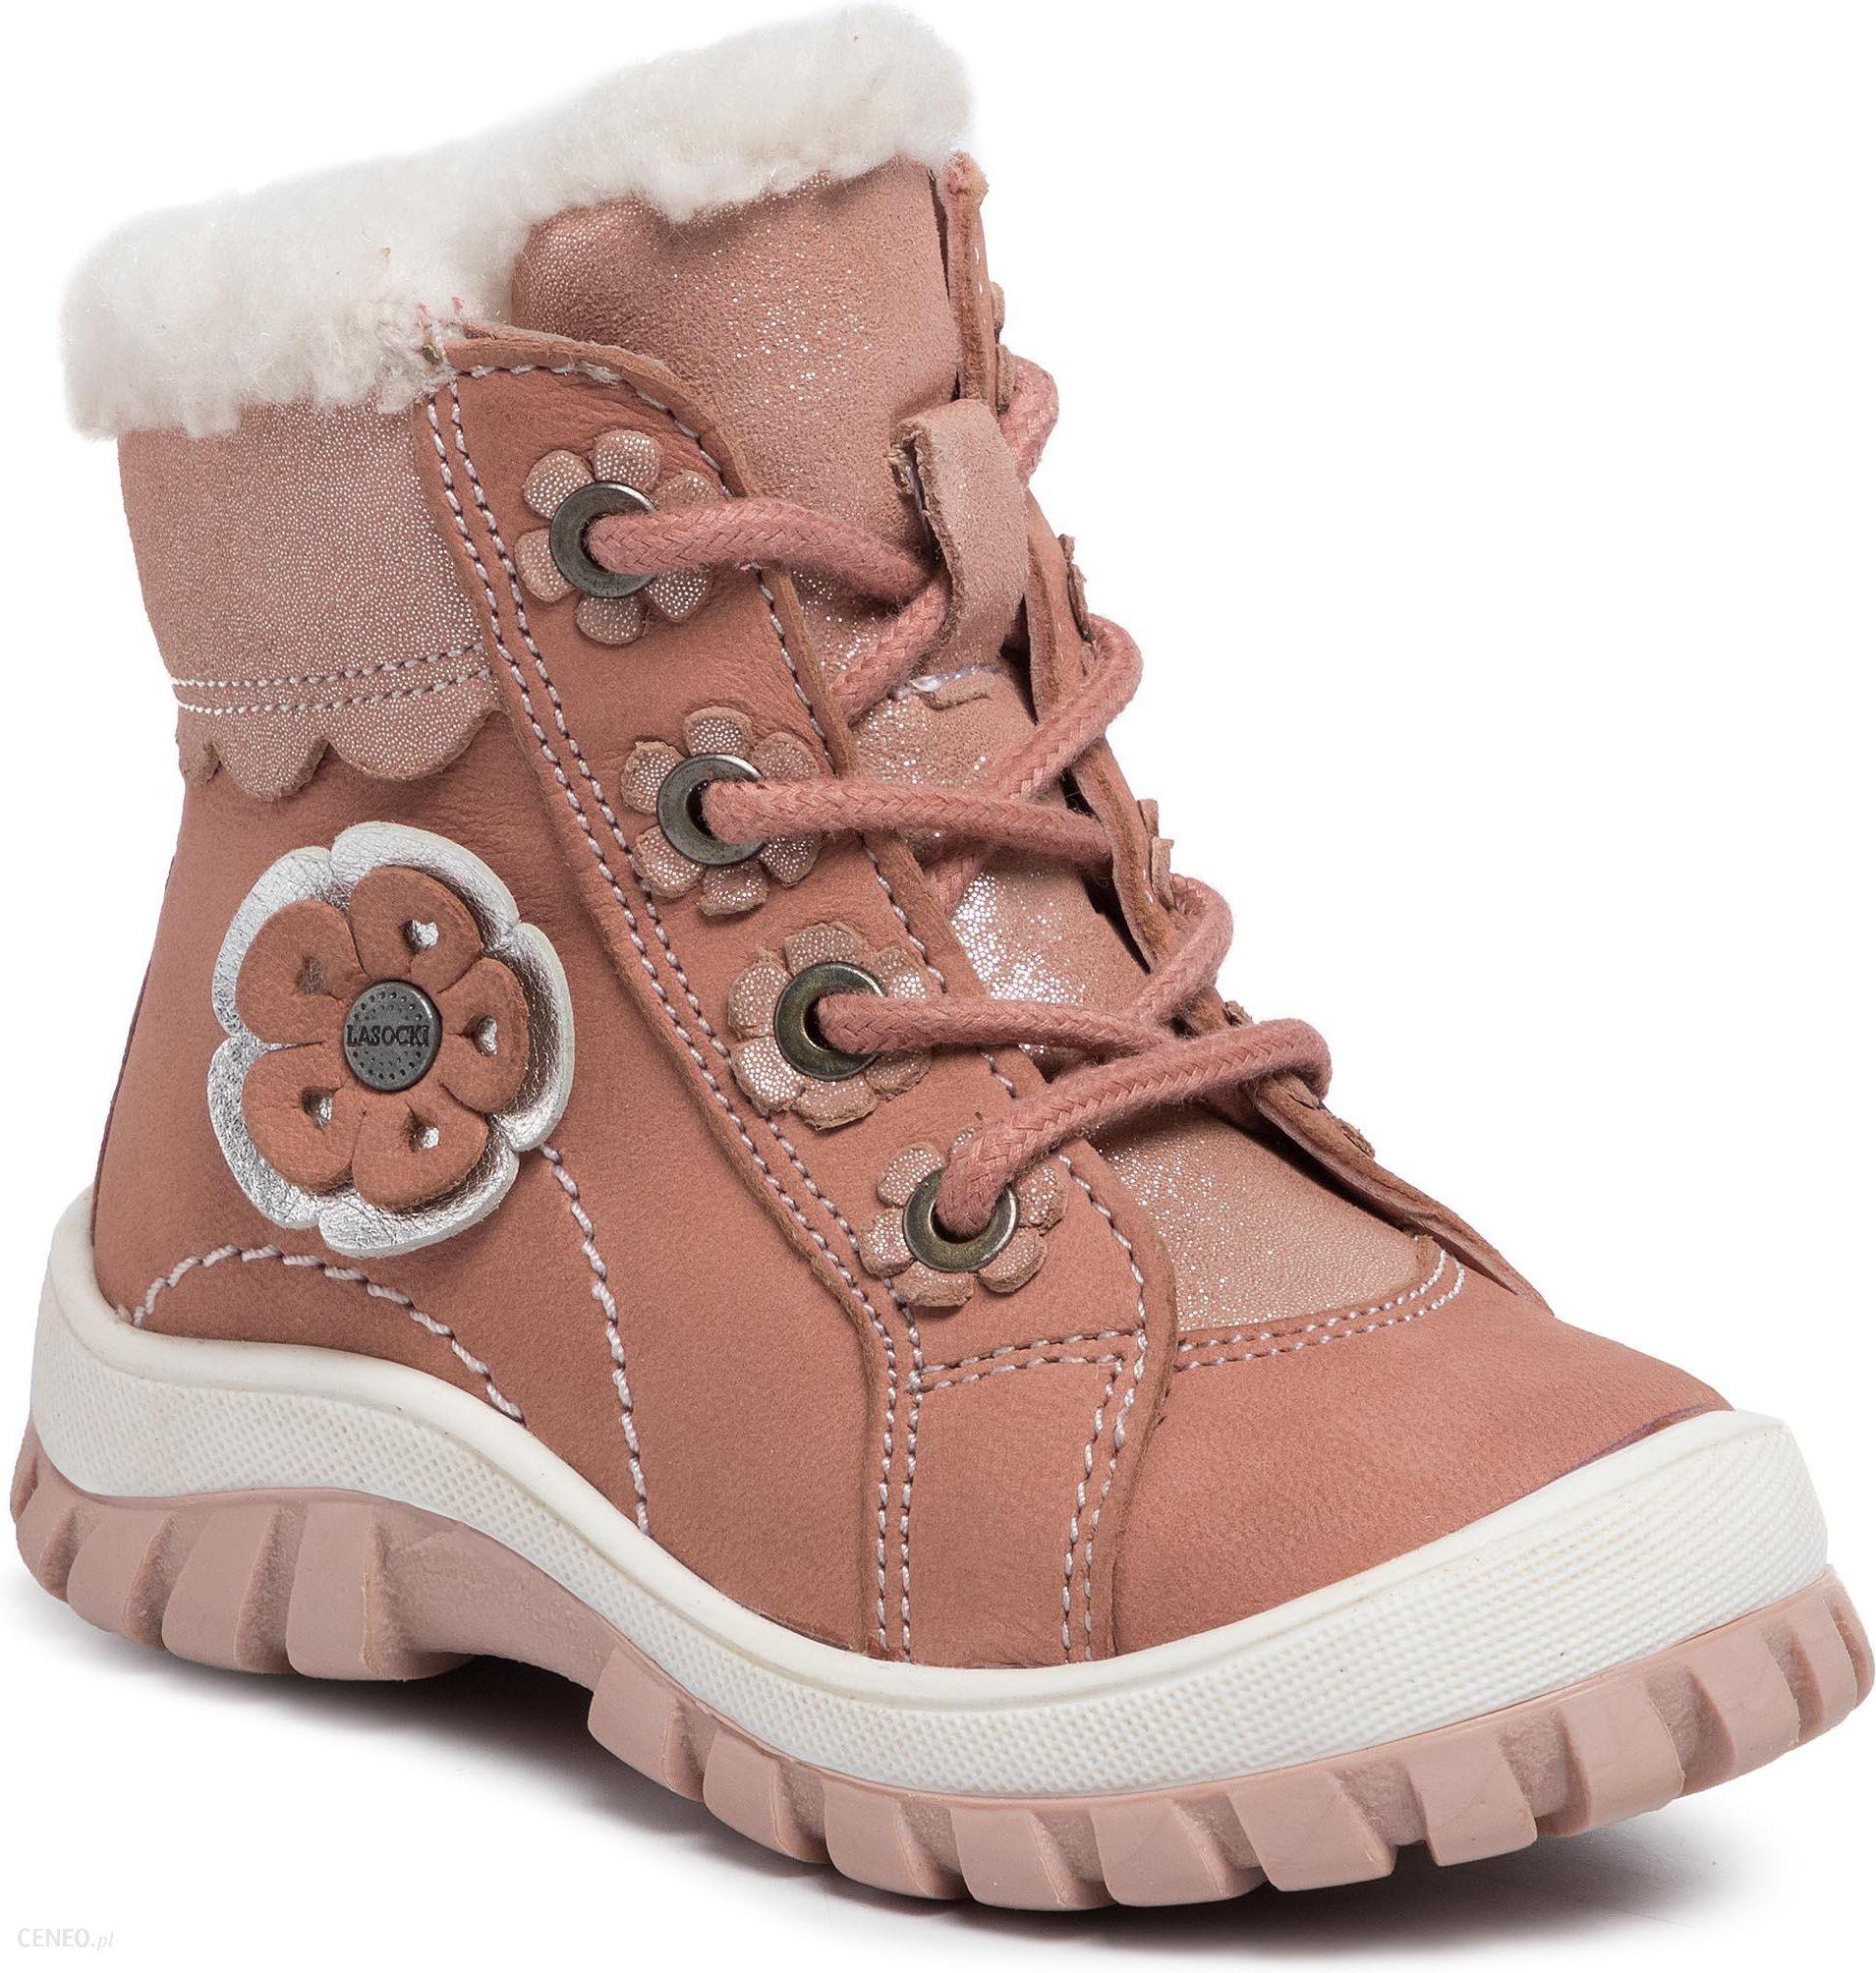 Kozaki Lasocki Kids Ci12 1797 26 Pink Ceny I Opinie Ceneo Pl